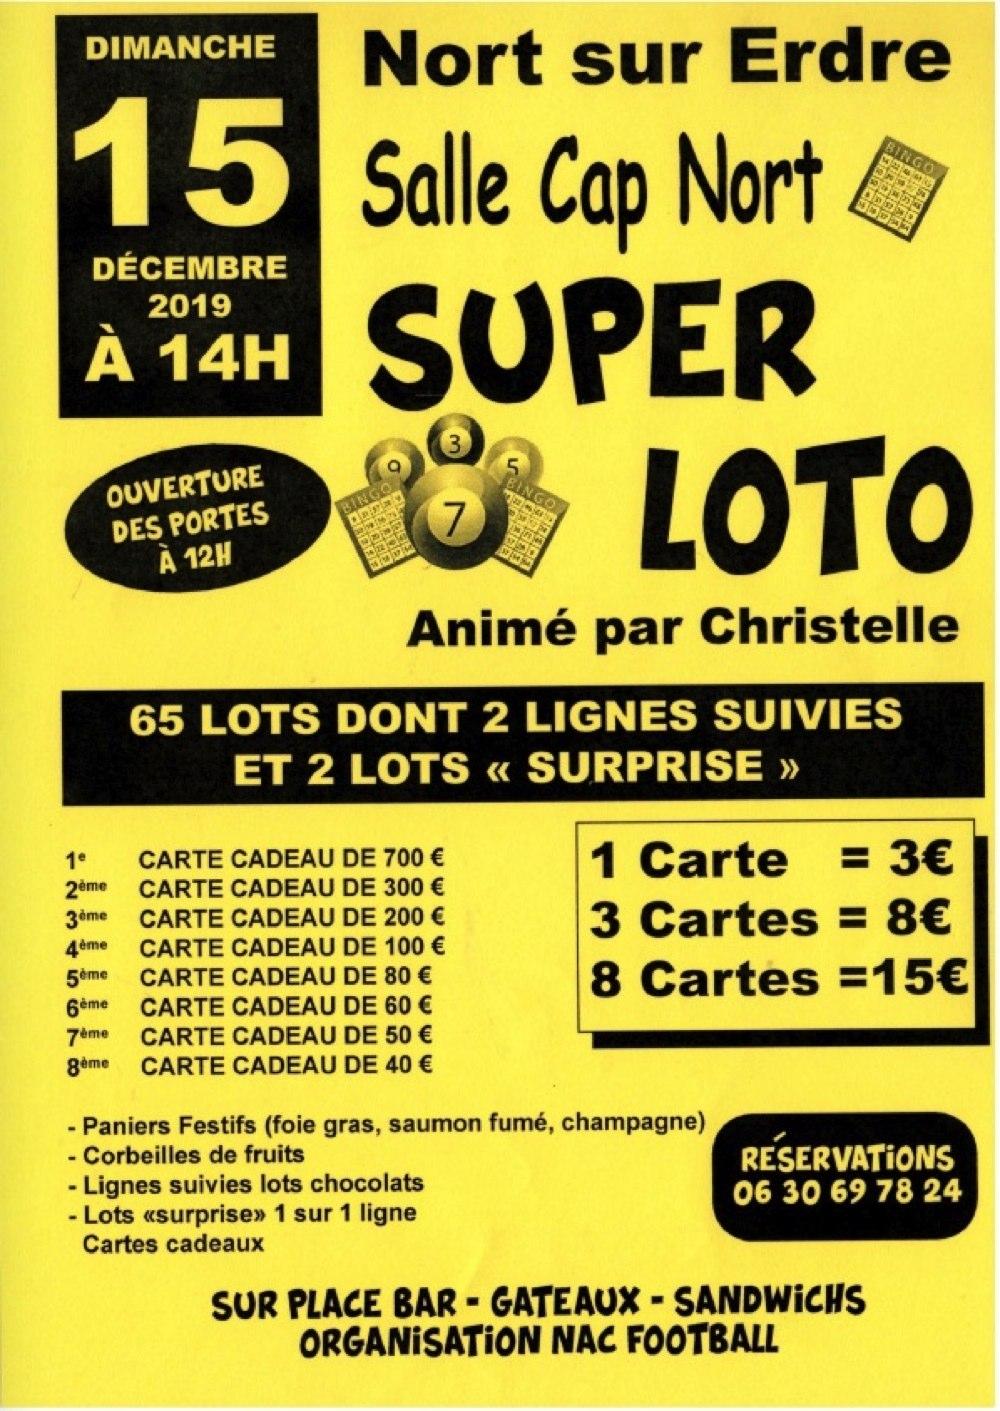 Super Loto du NAC Football 9 191110 212149 1